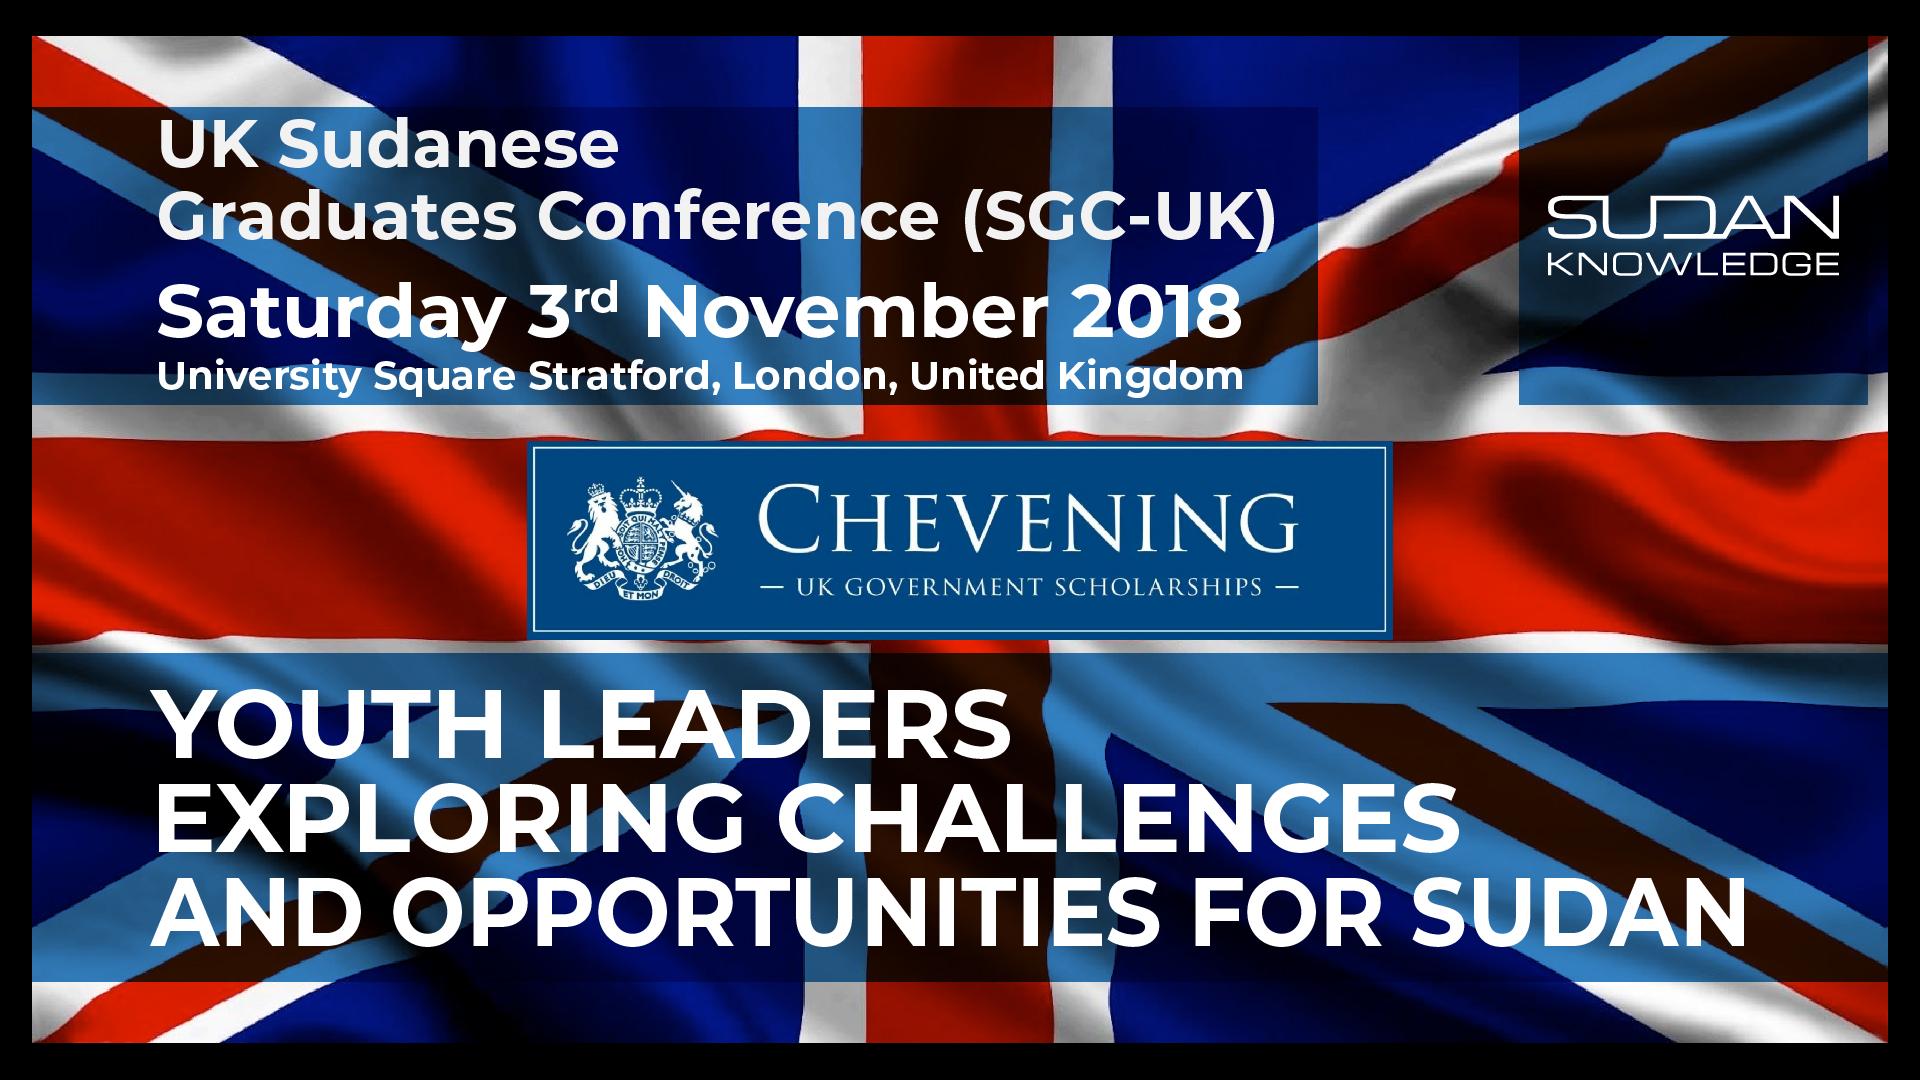 UK Sudanese Graduates Conference (SGC-UK)